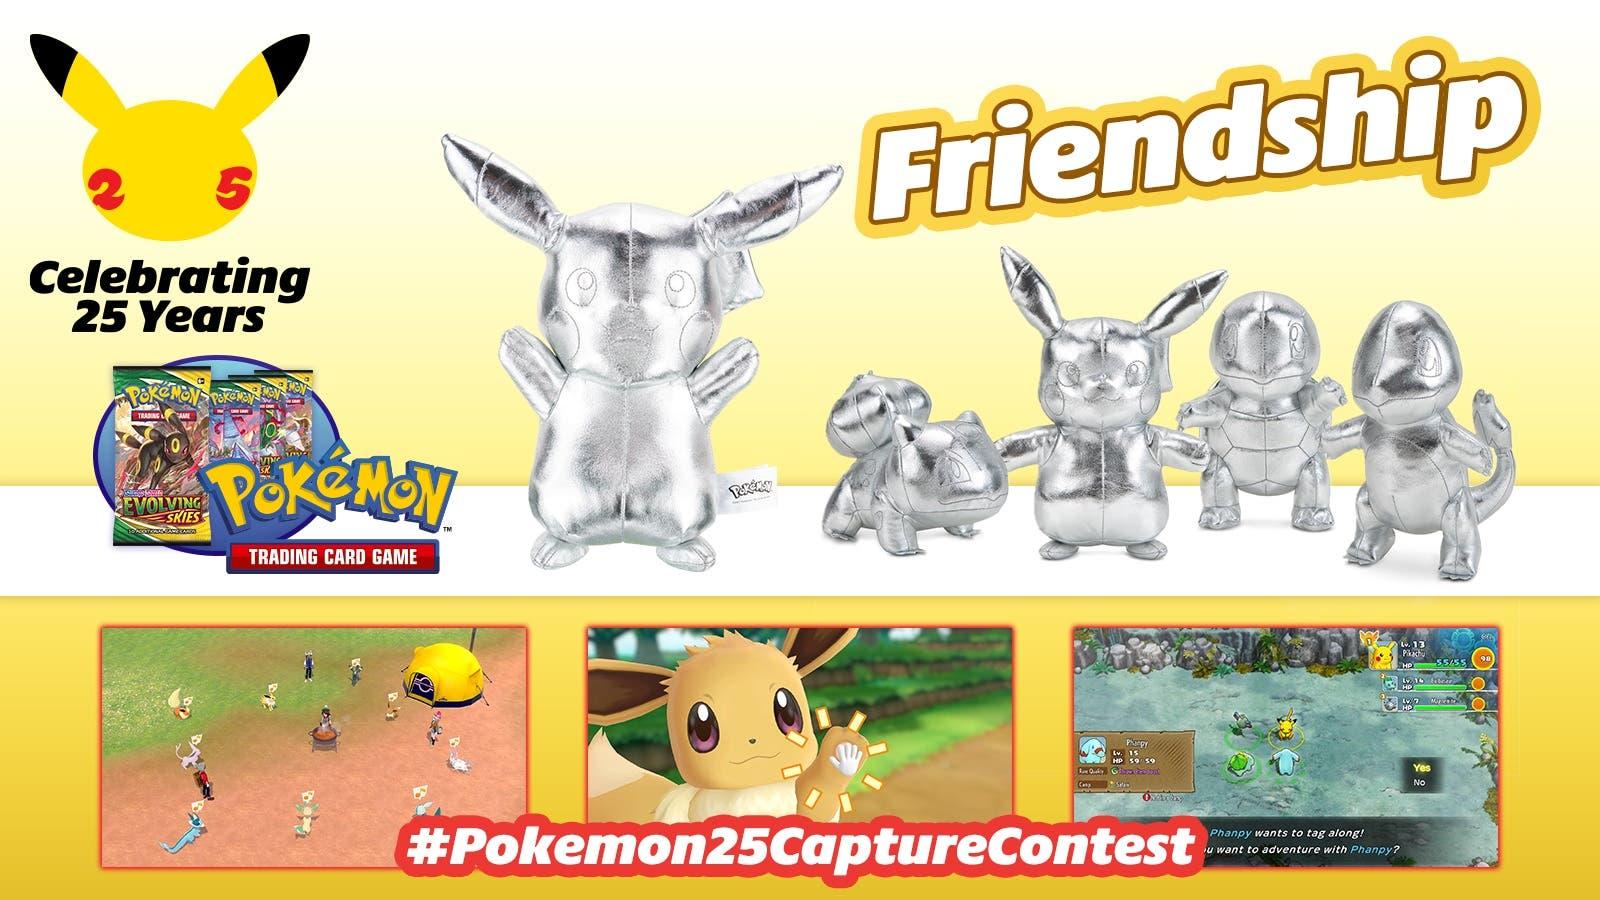 La temática del concurso fotográfico #Pokemon25CaptureContest organizado por Nintendo es la amistad